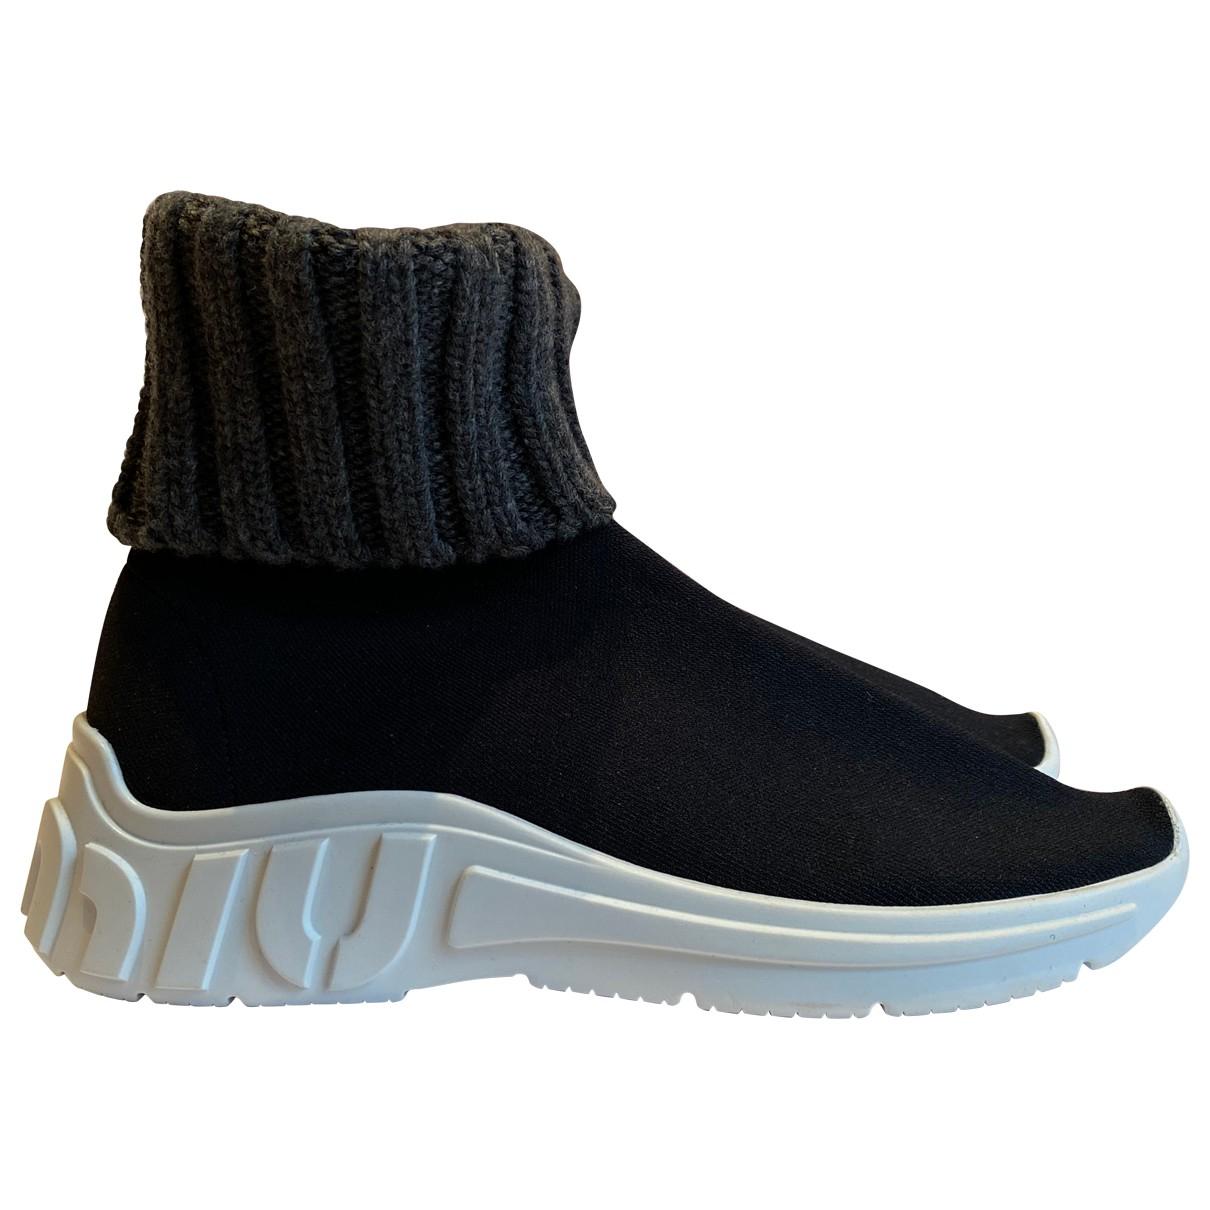 Miu Miu \N Sneakers in  Schwarz Polyester